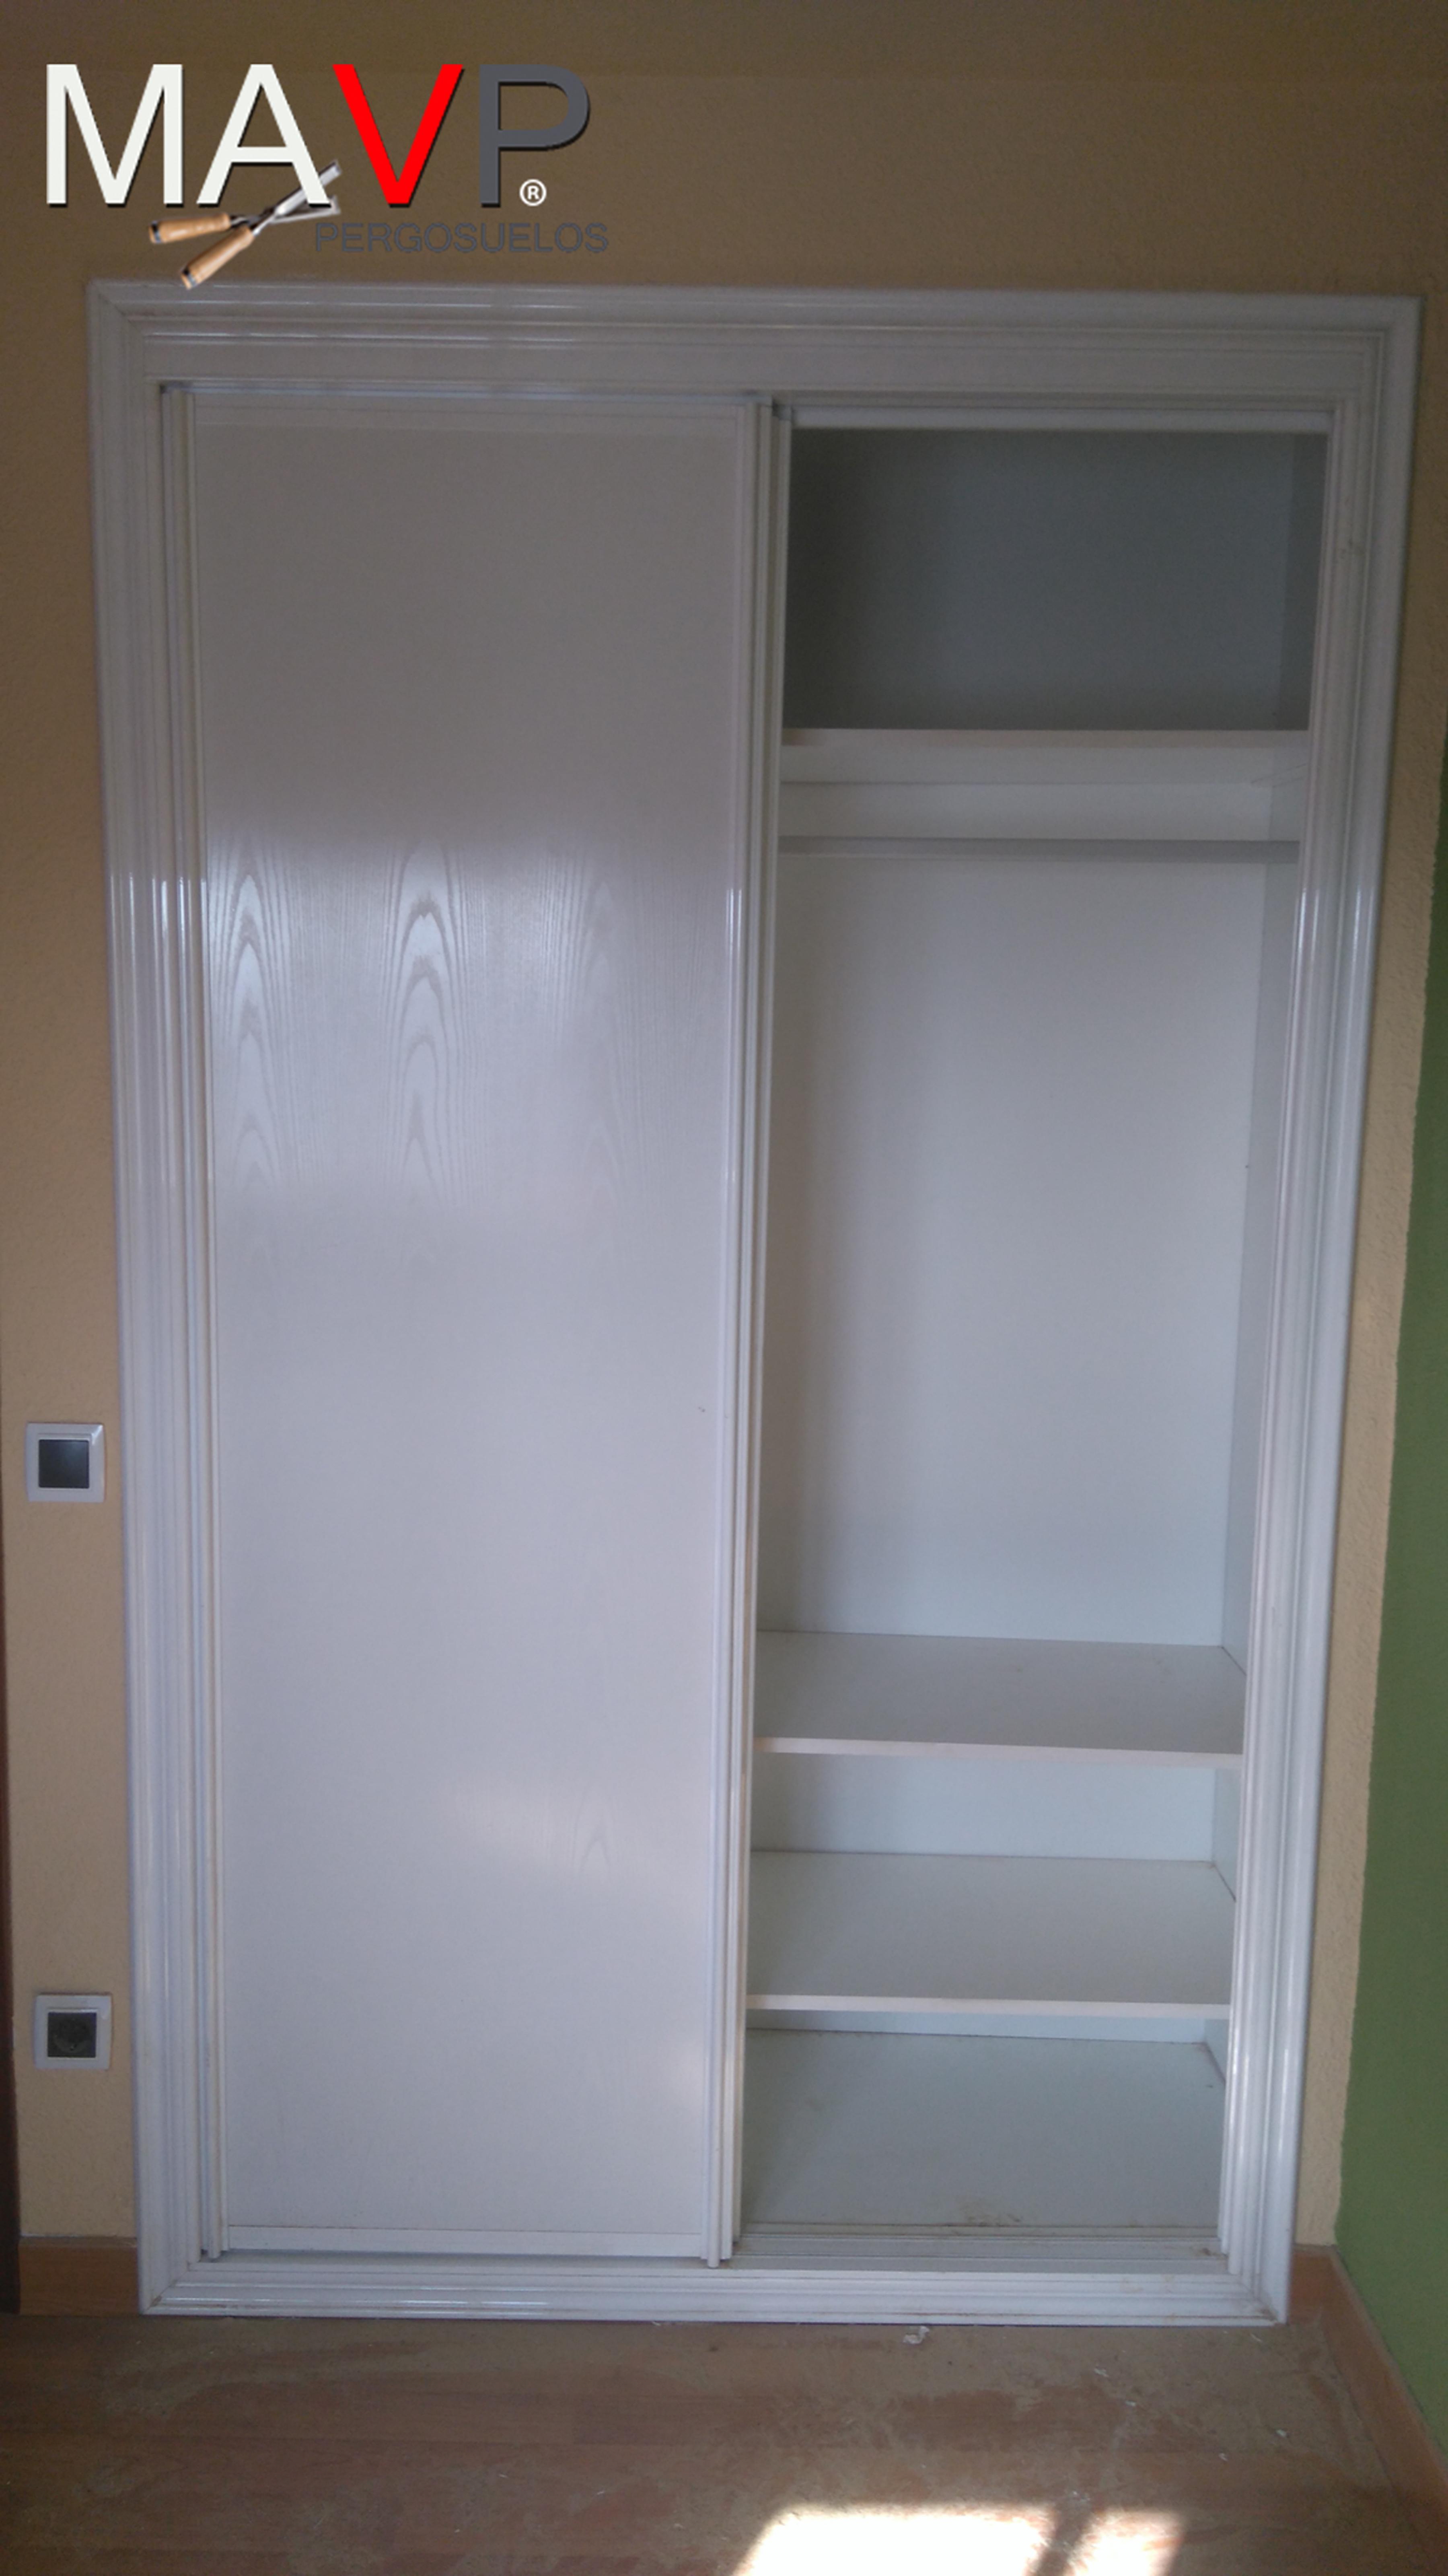 Vestir armarios por dentro elegant vestir armarios por - Forrar armarios por dentro ...